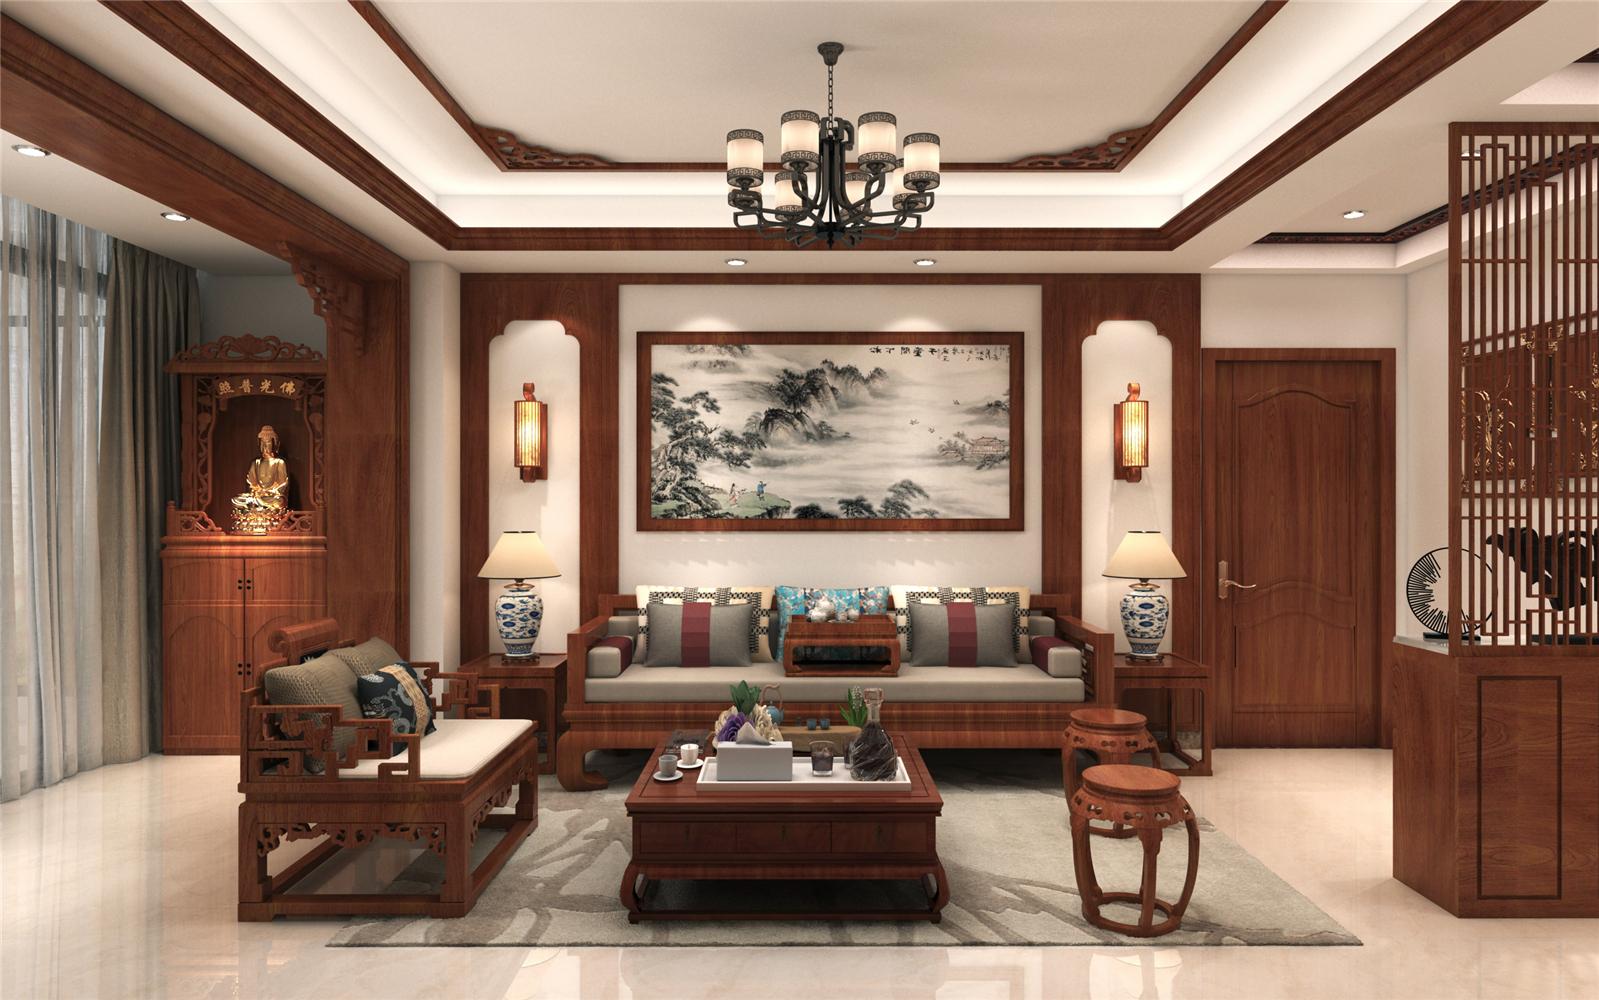 中式风格沙发背景墙装修效果图